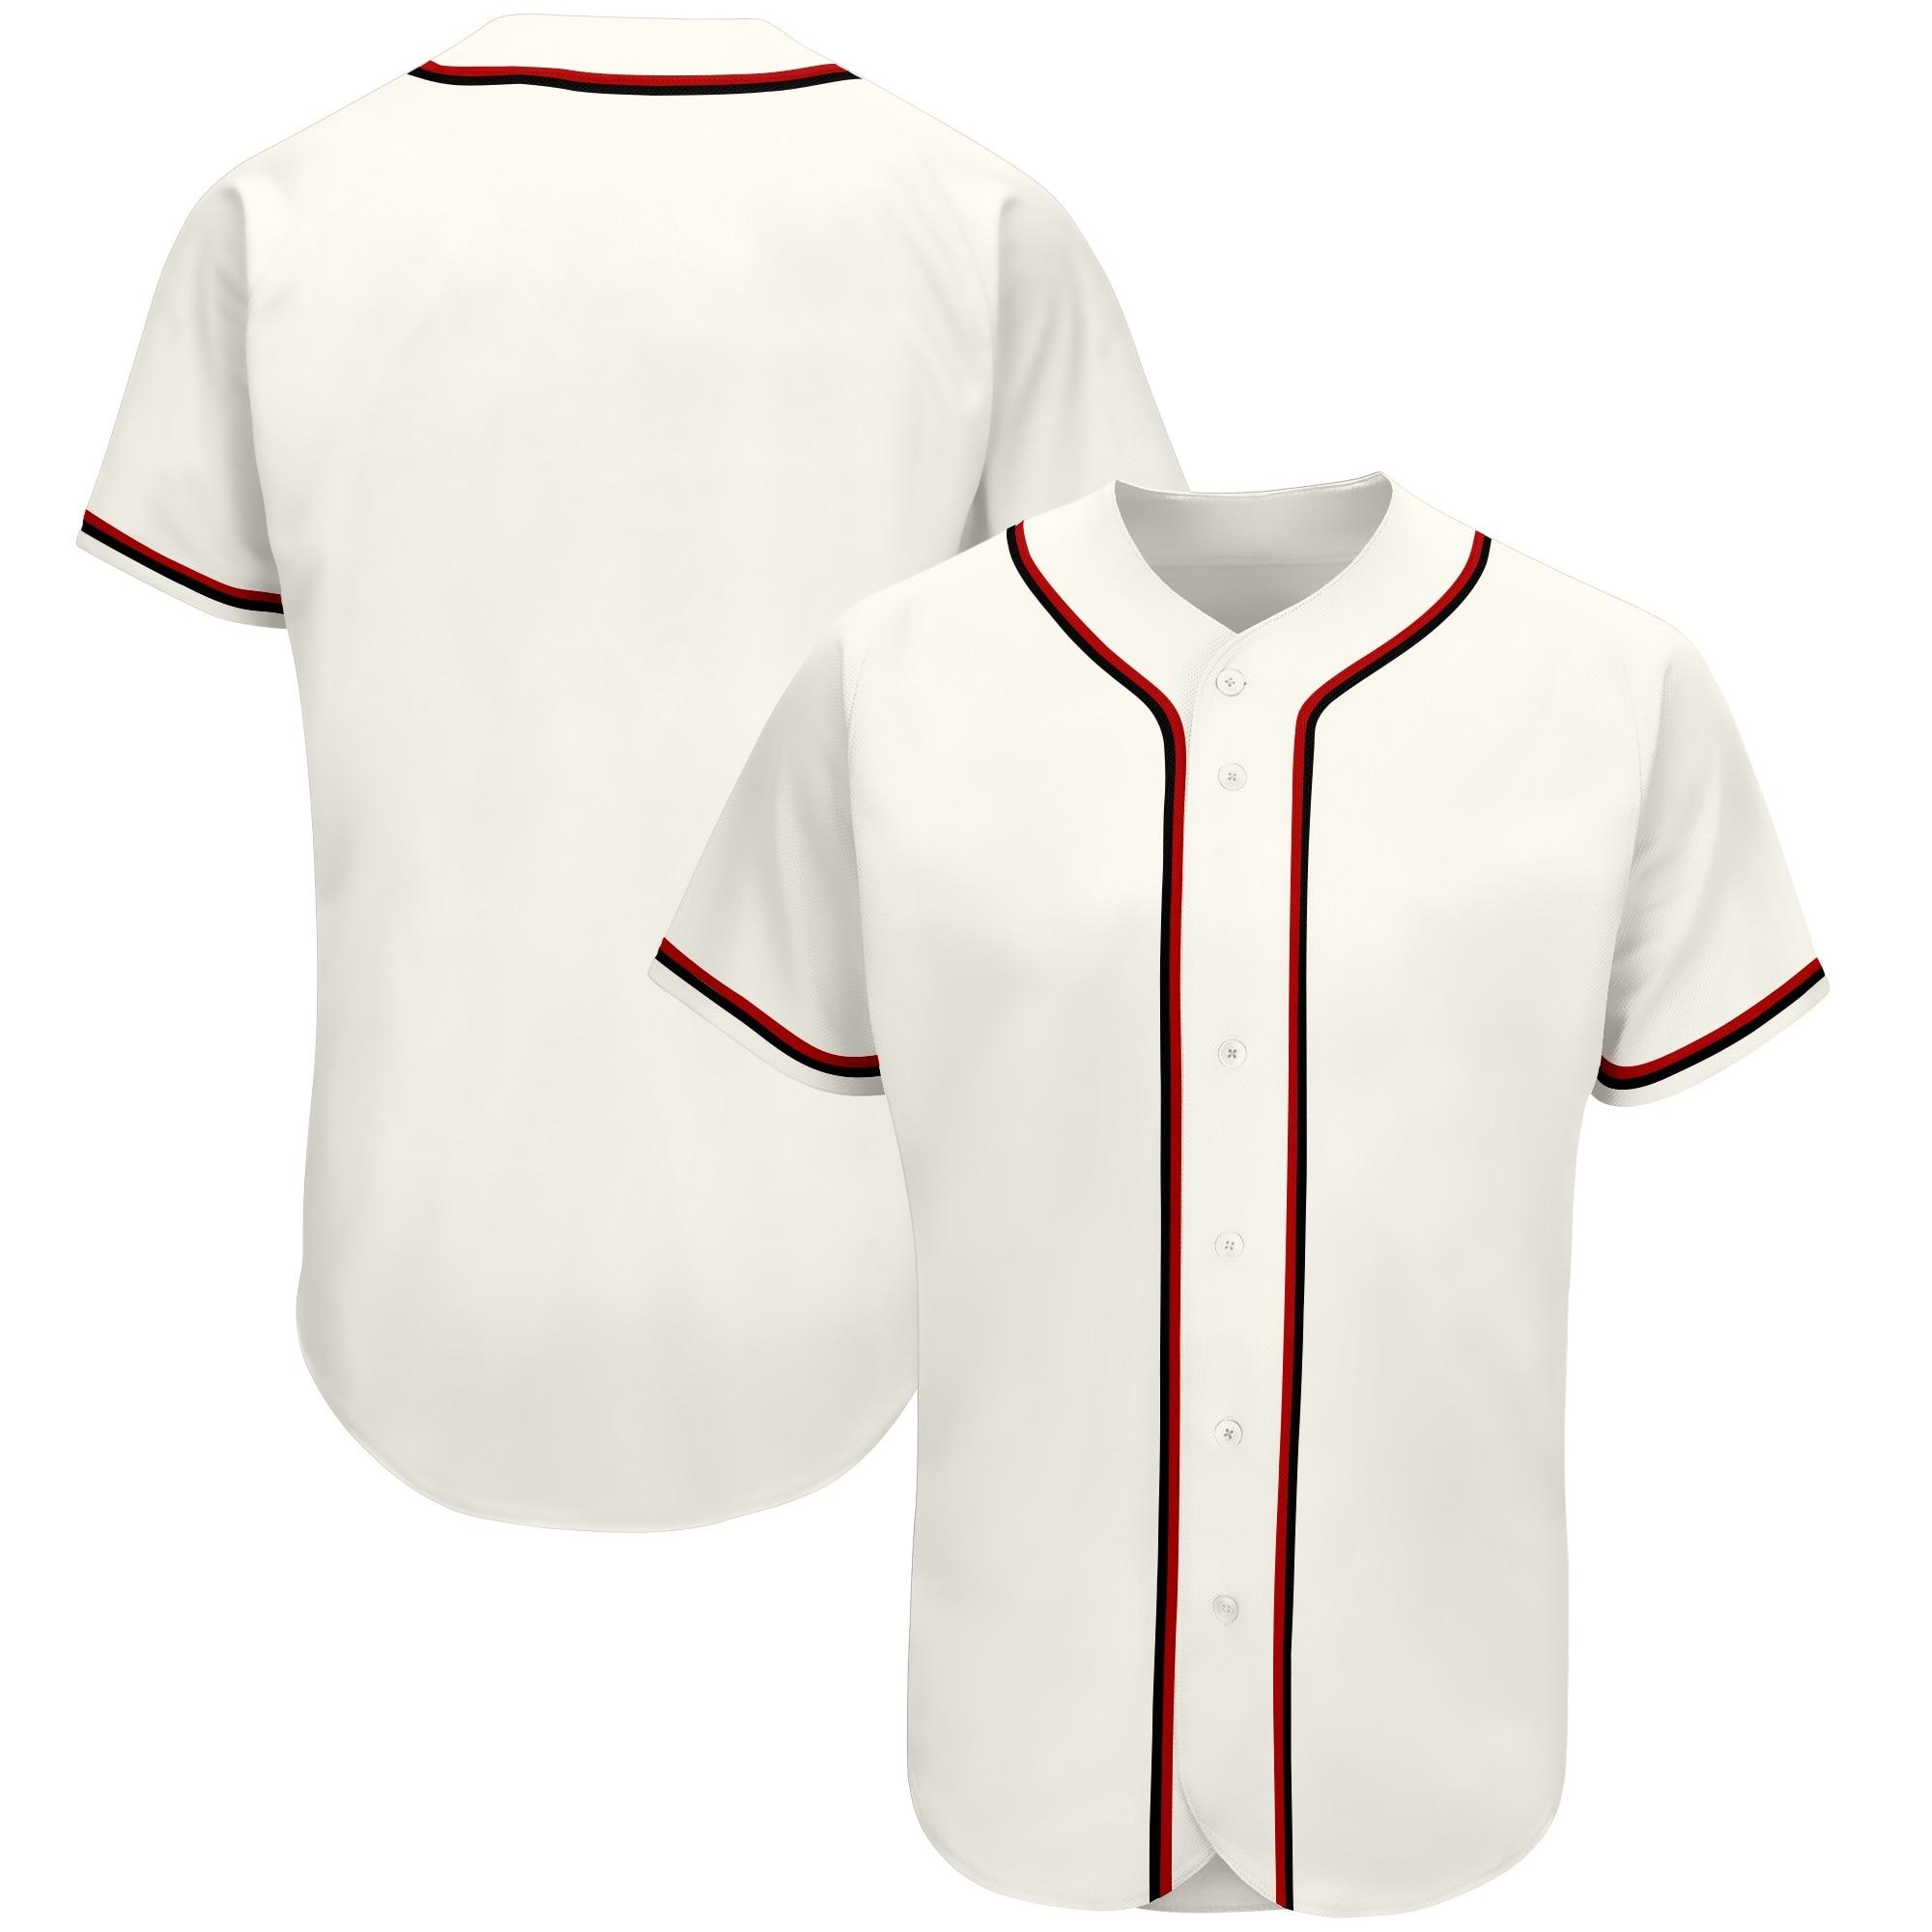 Недорогие мужские бейсбольные Джерси без рисунка под заказ, спортивные рубашки для спортсменов, униформа для чирлидинга